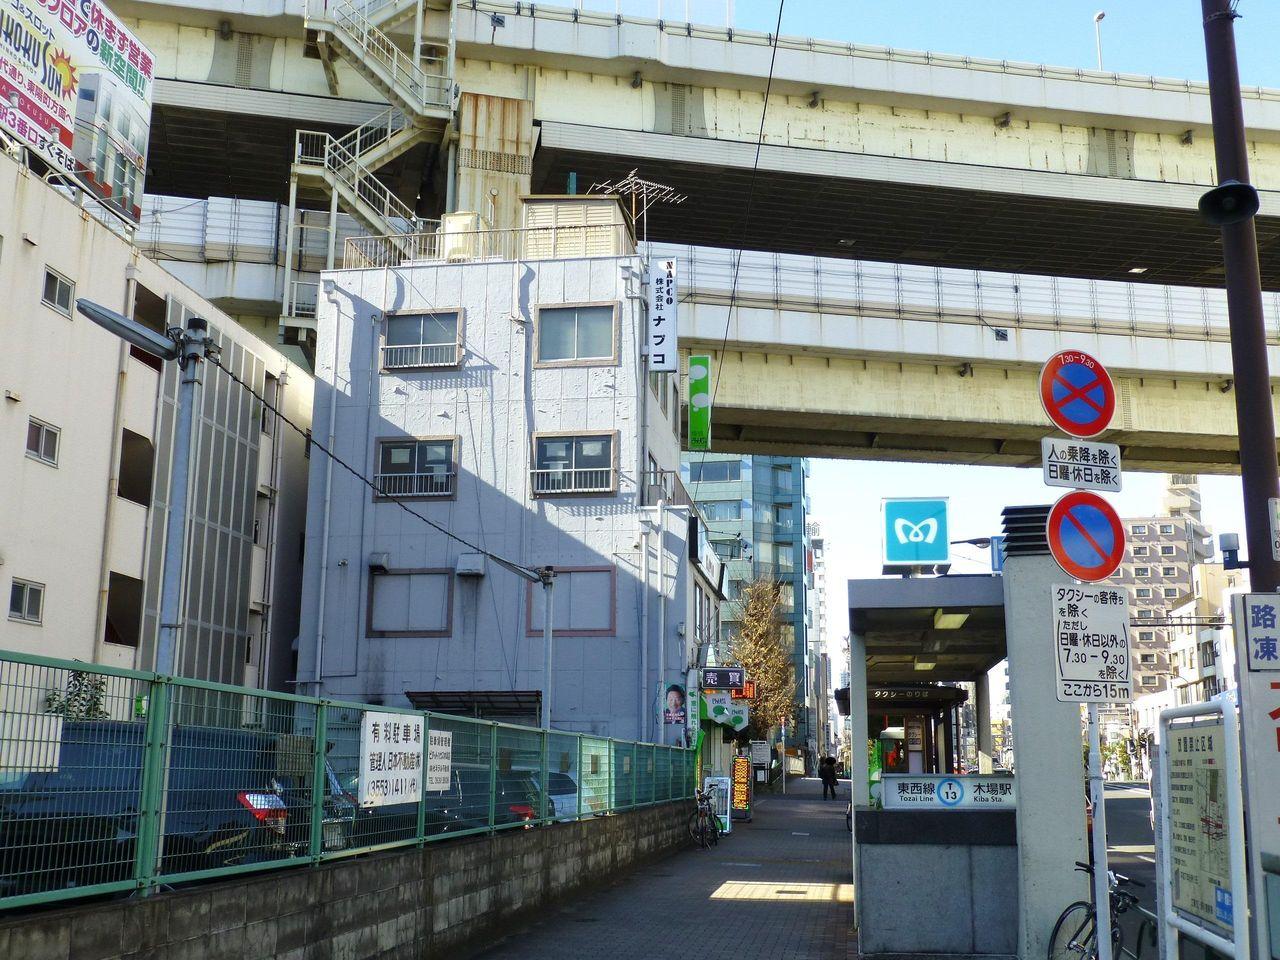 木場駅と首都高速道路の間にお店があります!